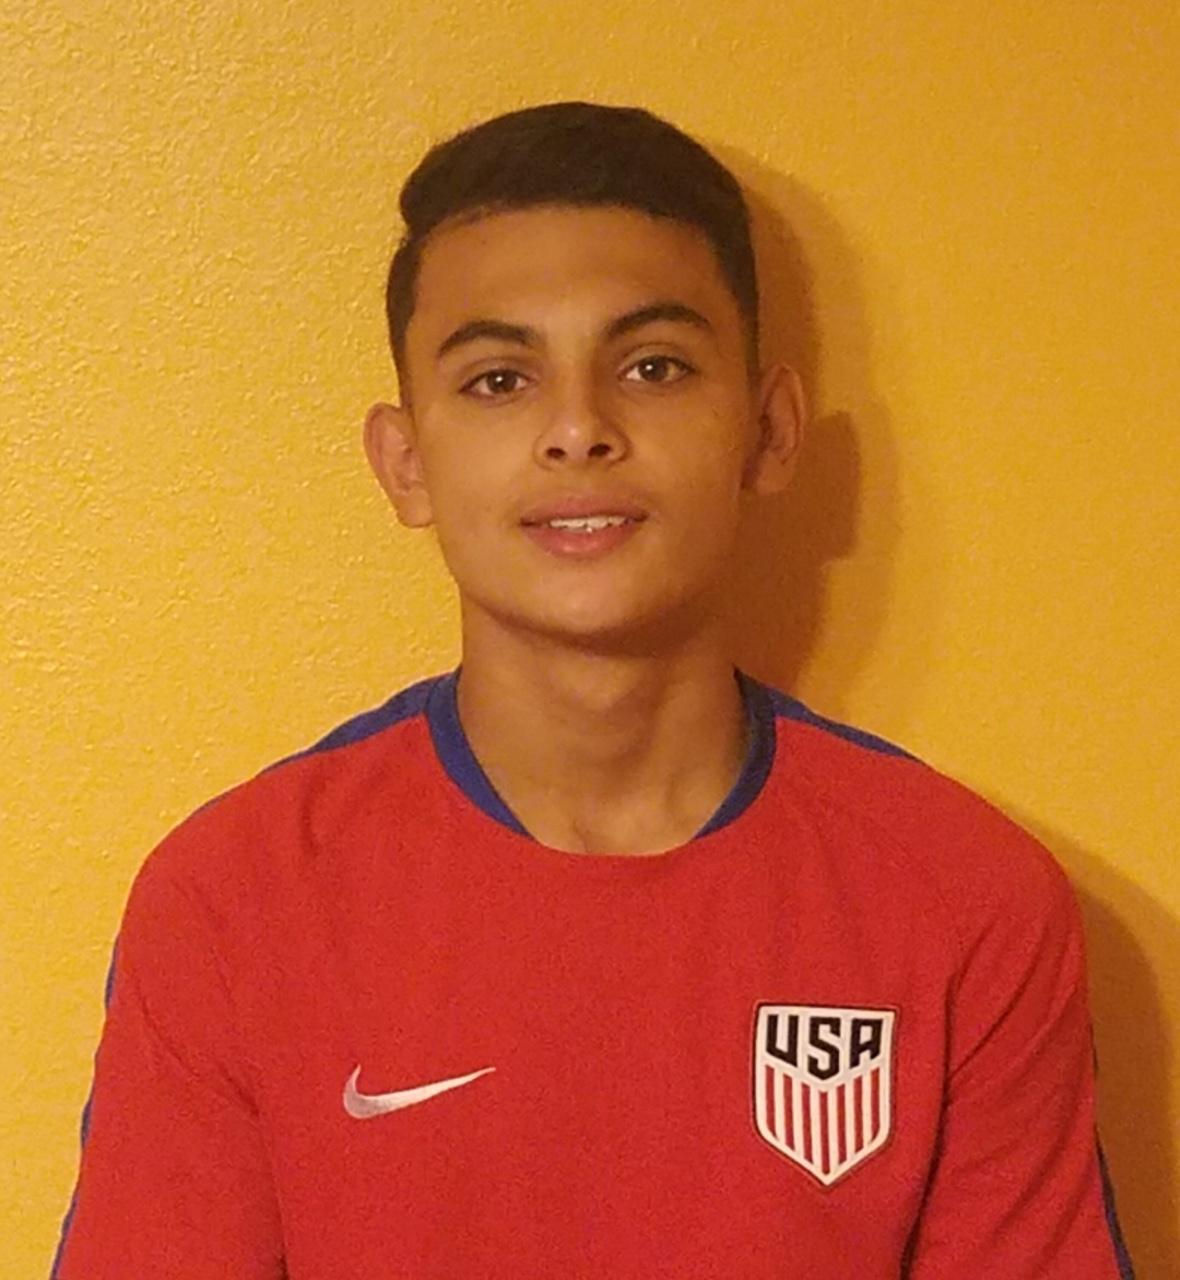 Cesar Cordova U15 National Team